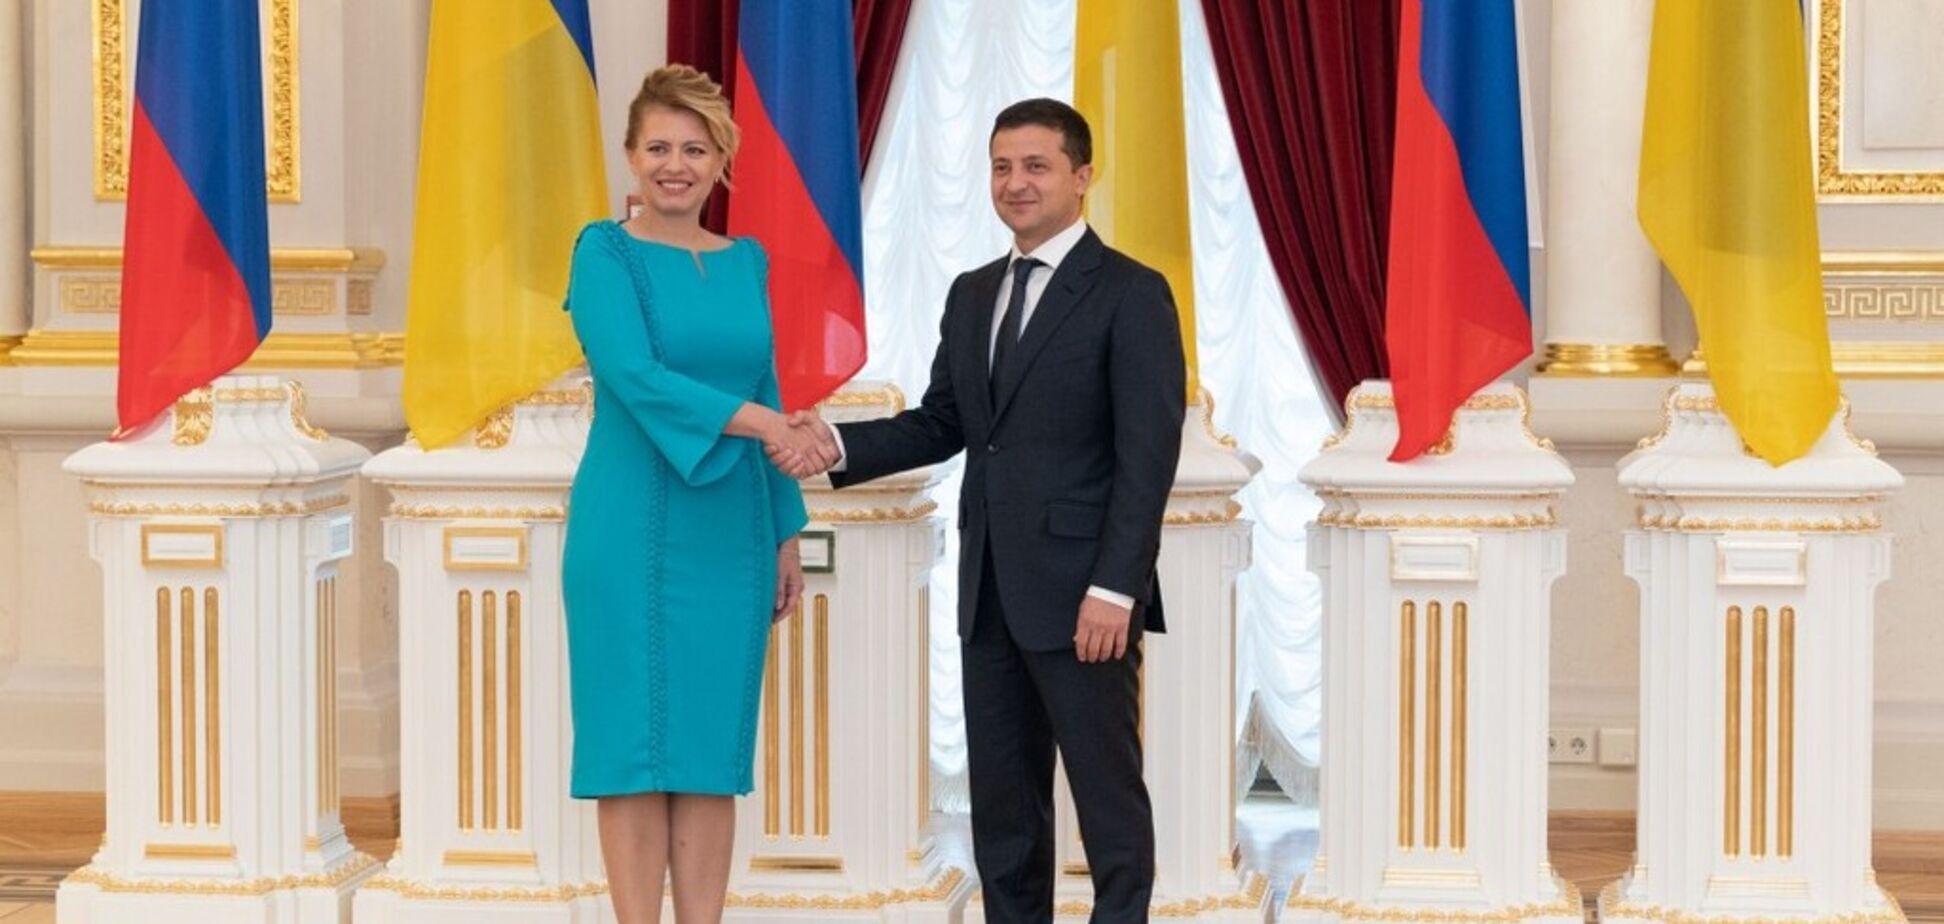 Словакия поддержала санкции против России: озвучена причина